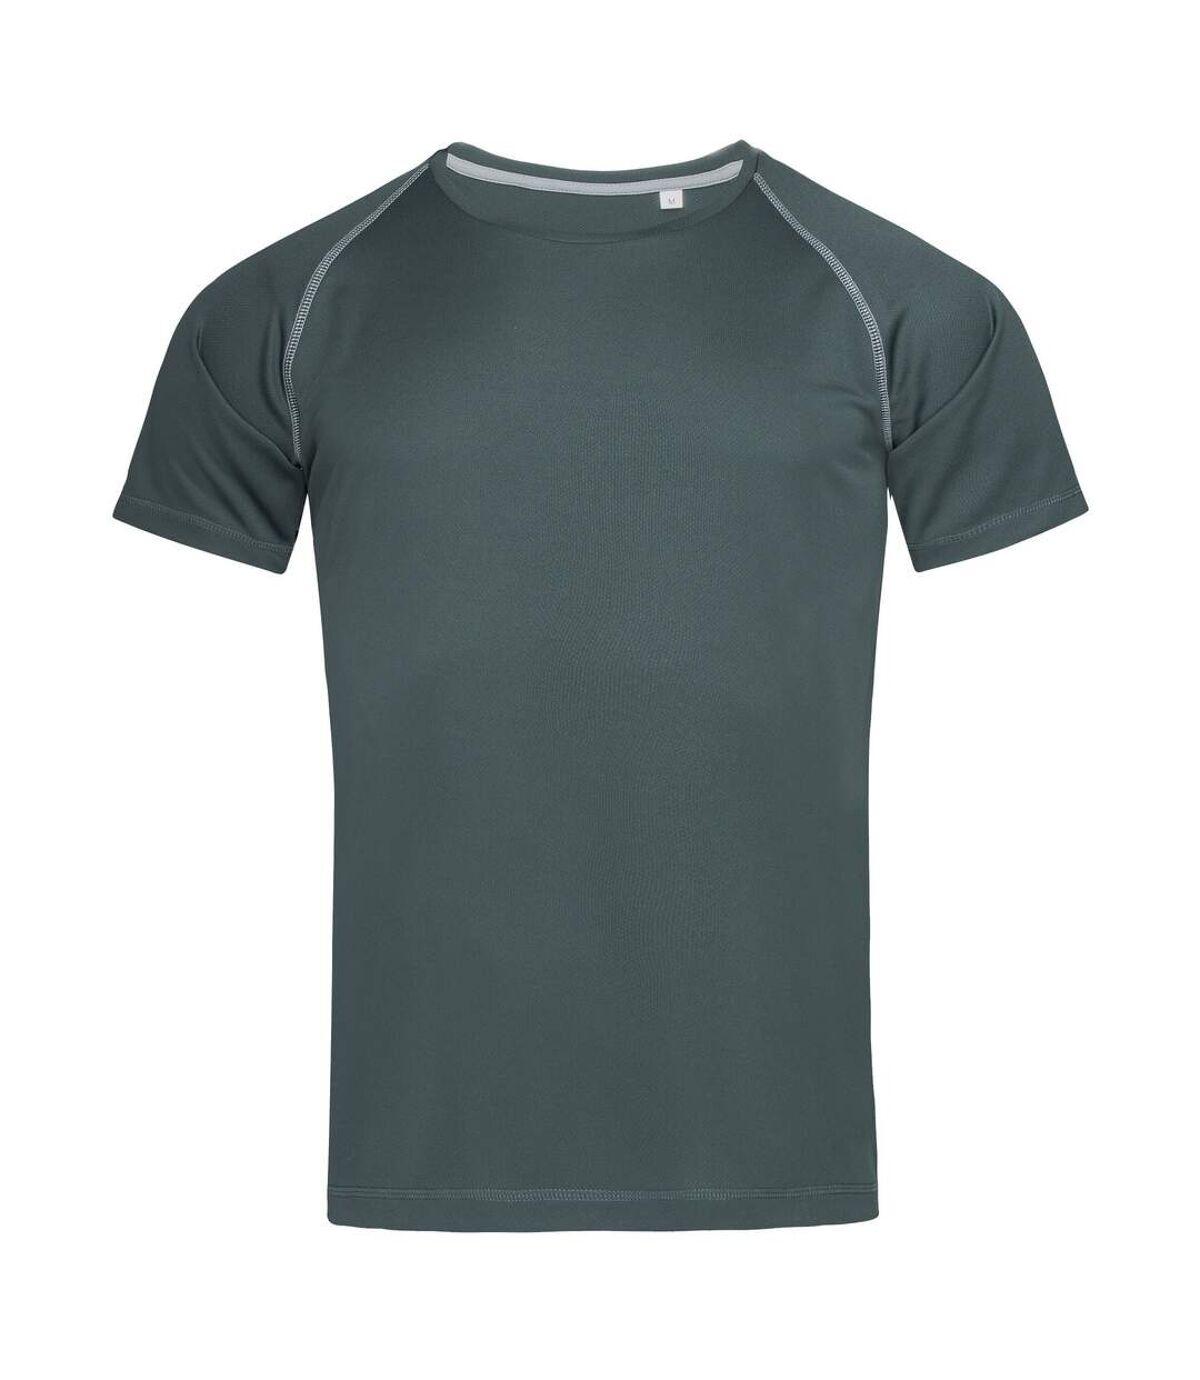 Stedman Mens Active Raglan T-Shirt (Granite Grey) - UTAB459